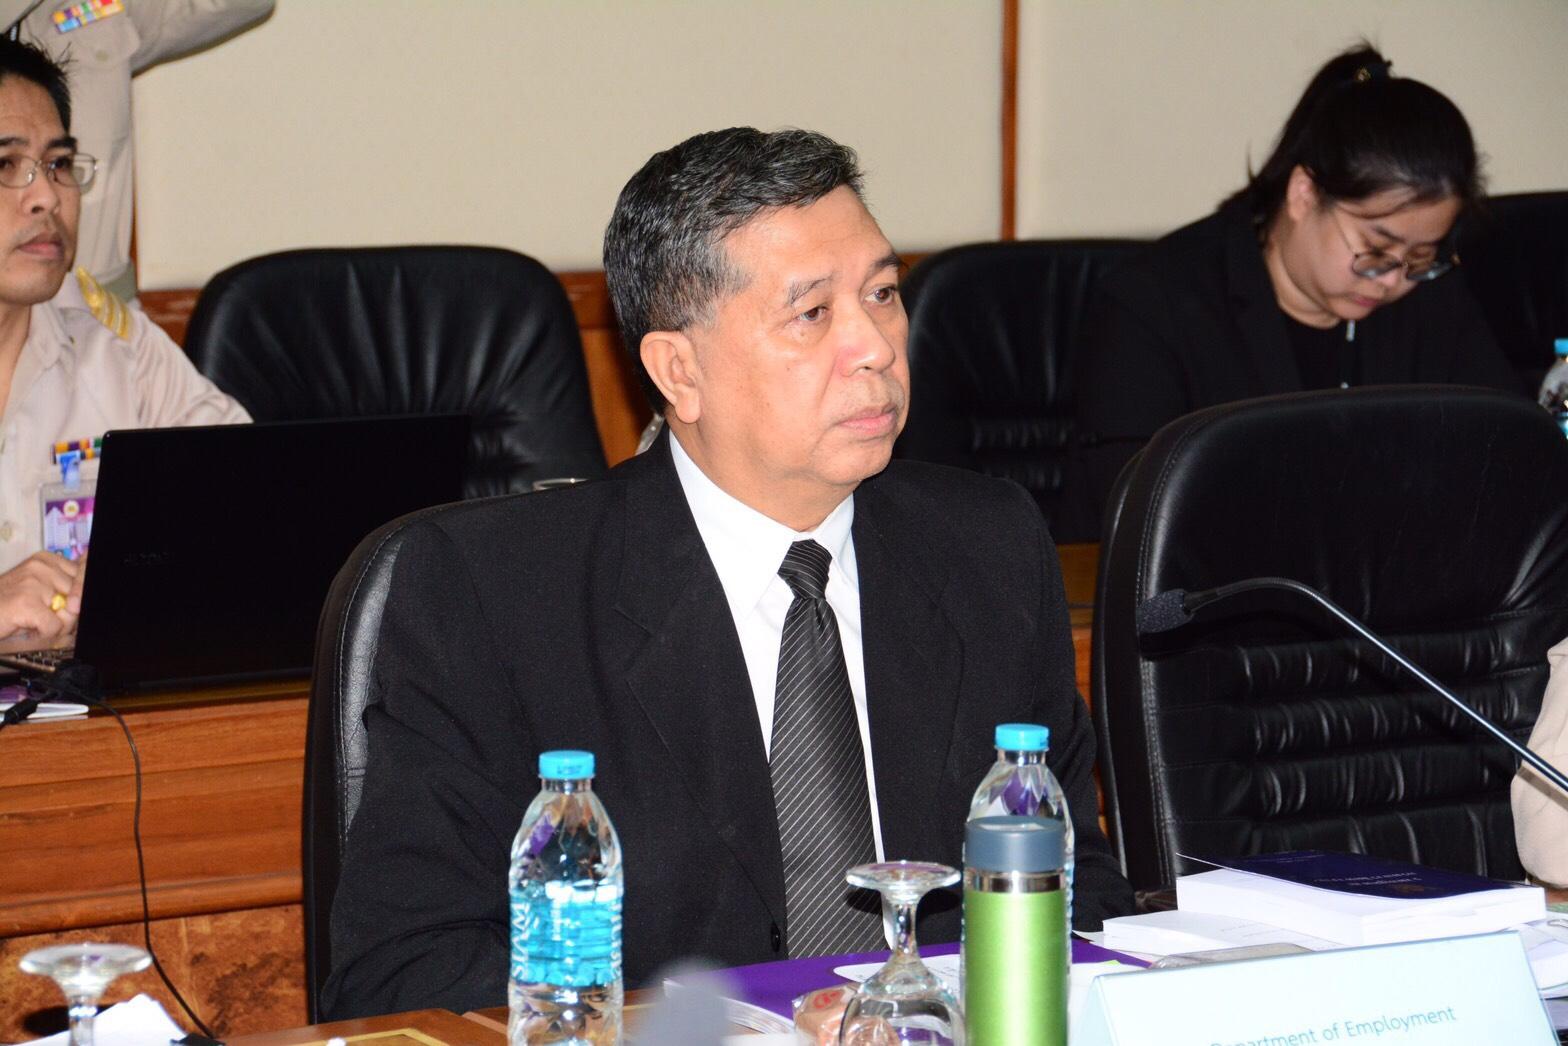 นายสมบัติ นิเวศรัตน์ รองอธิบดีกรมการจัดหางาน ร่วมประชุมหารือด้านแรงงานกับคณะผู้แทนสหภาพยุโรป (DG Employment) กระทรวงแรงงานและหน่วยงานที่เกี่ยวข้องเนื่องในโอกาสเดินทางมาประเทศไทย เพื่อตรวจประเมินผลการดำเนินการแก้ไขปัญหาการประมง IUU